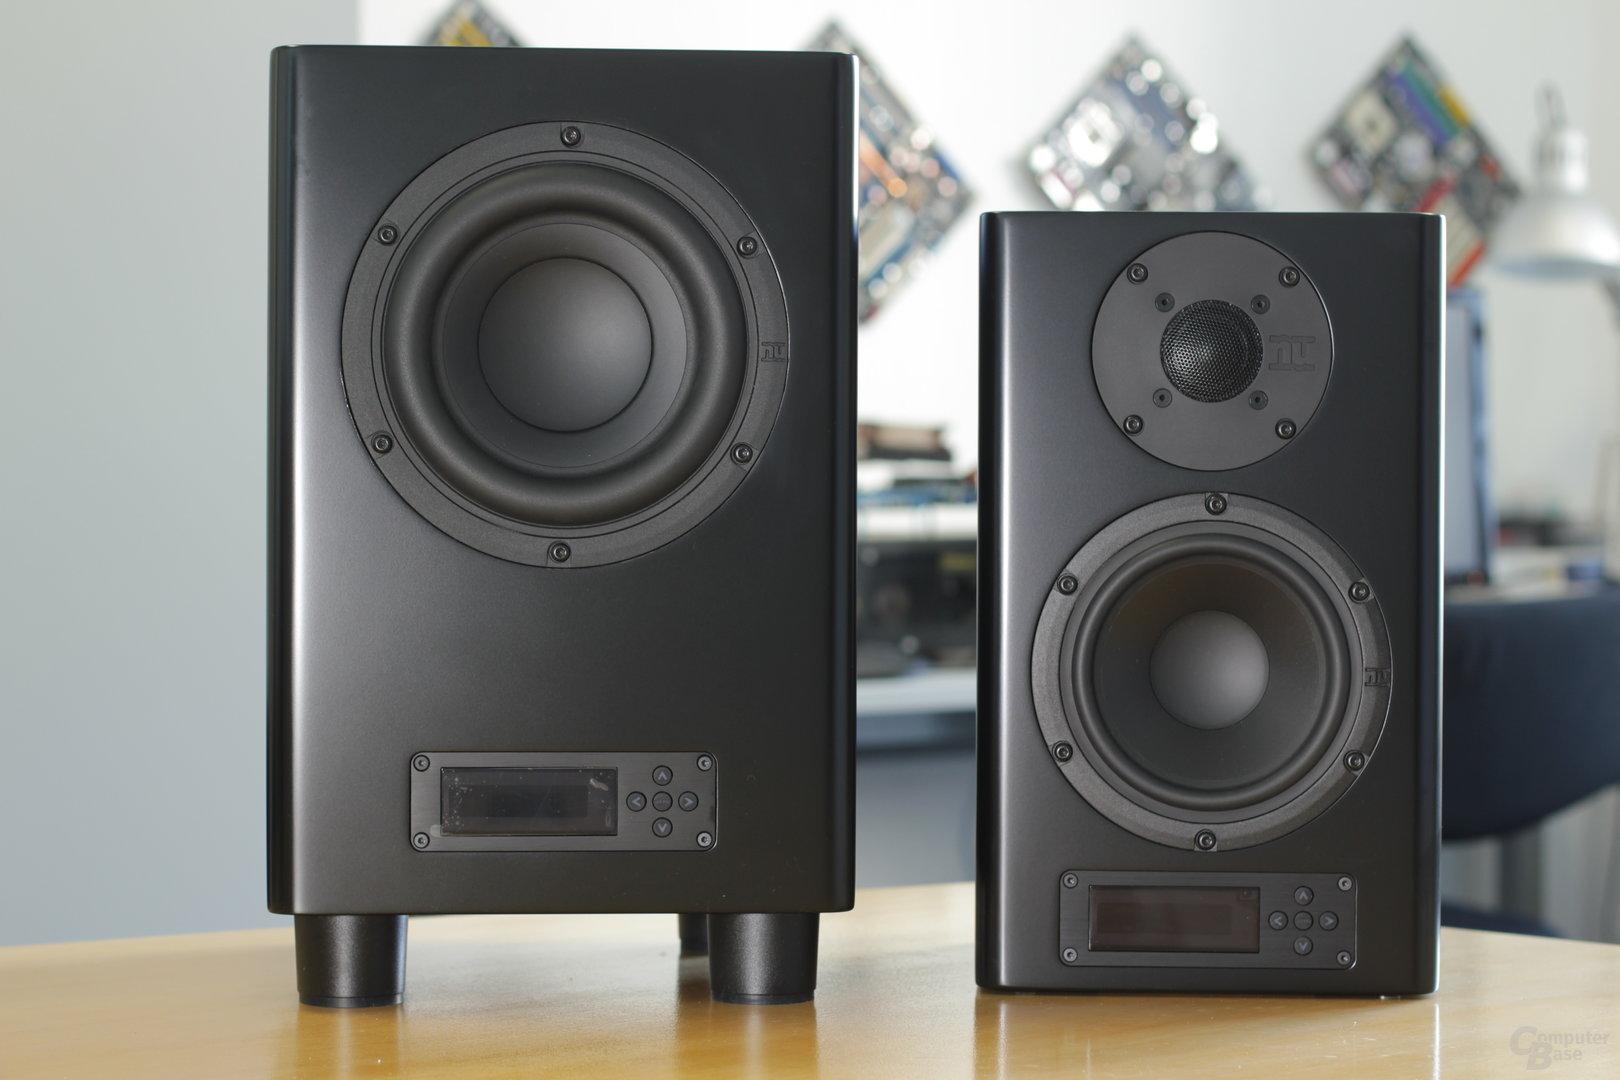 Nubert NuPro A-200 und AW-350